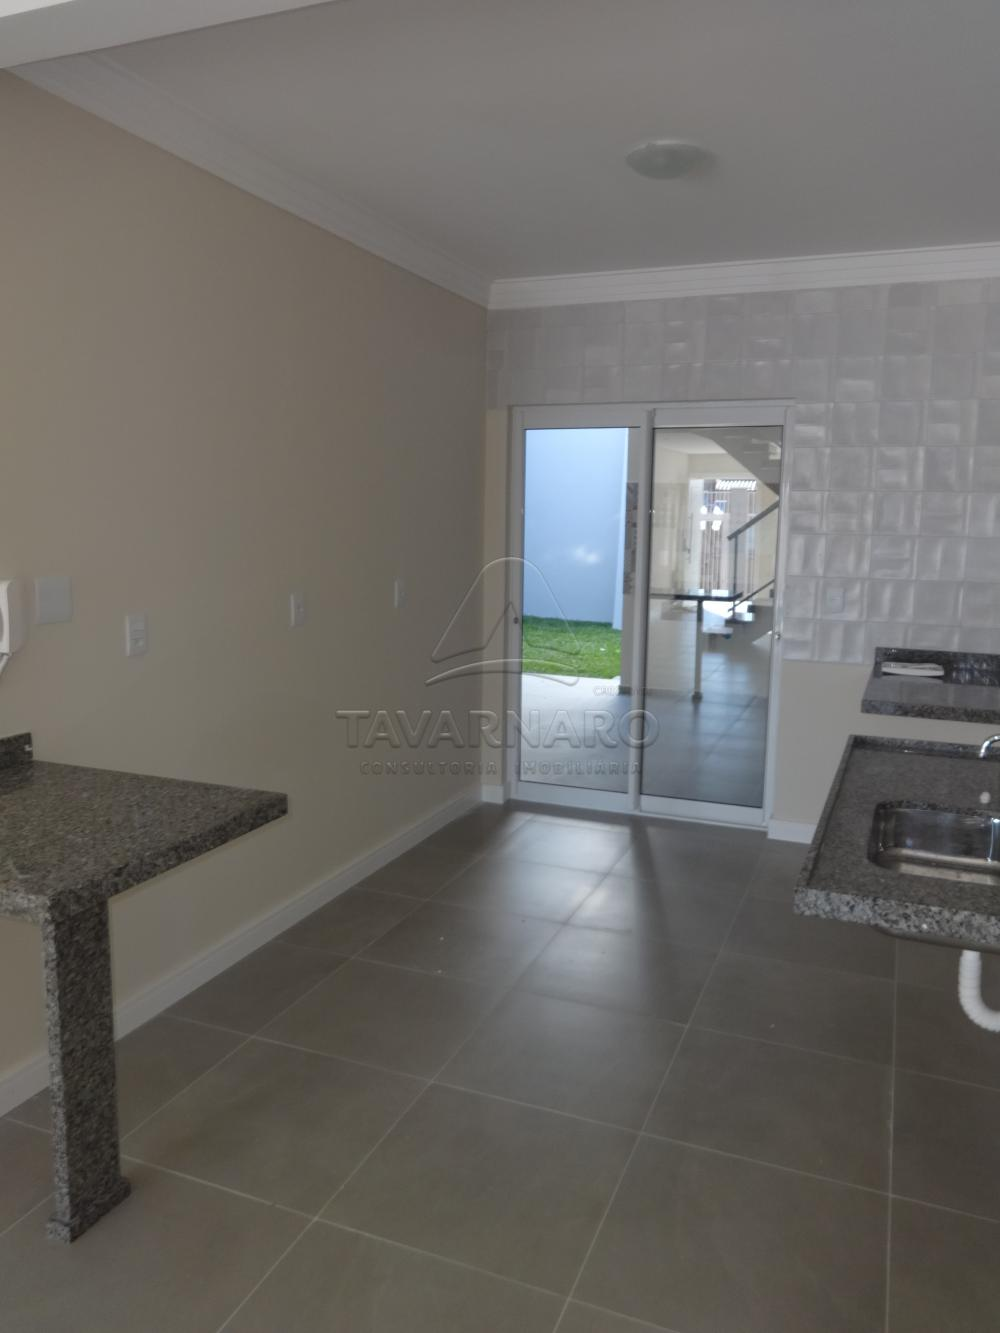 Alugar Casa / Sobrado em Ponta Grossa apenas R$ 2.100,00 - Foto 7